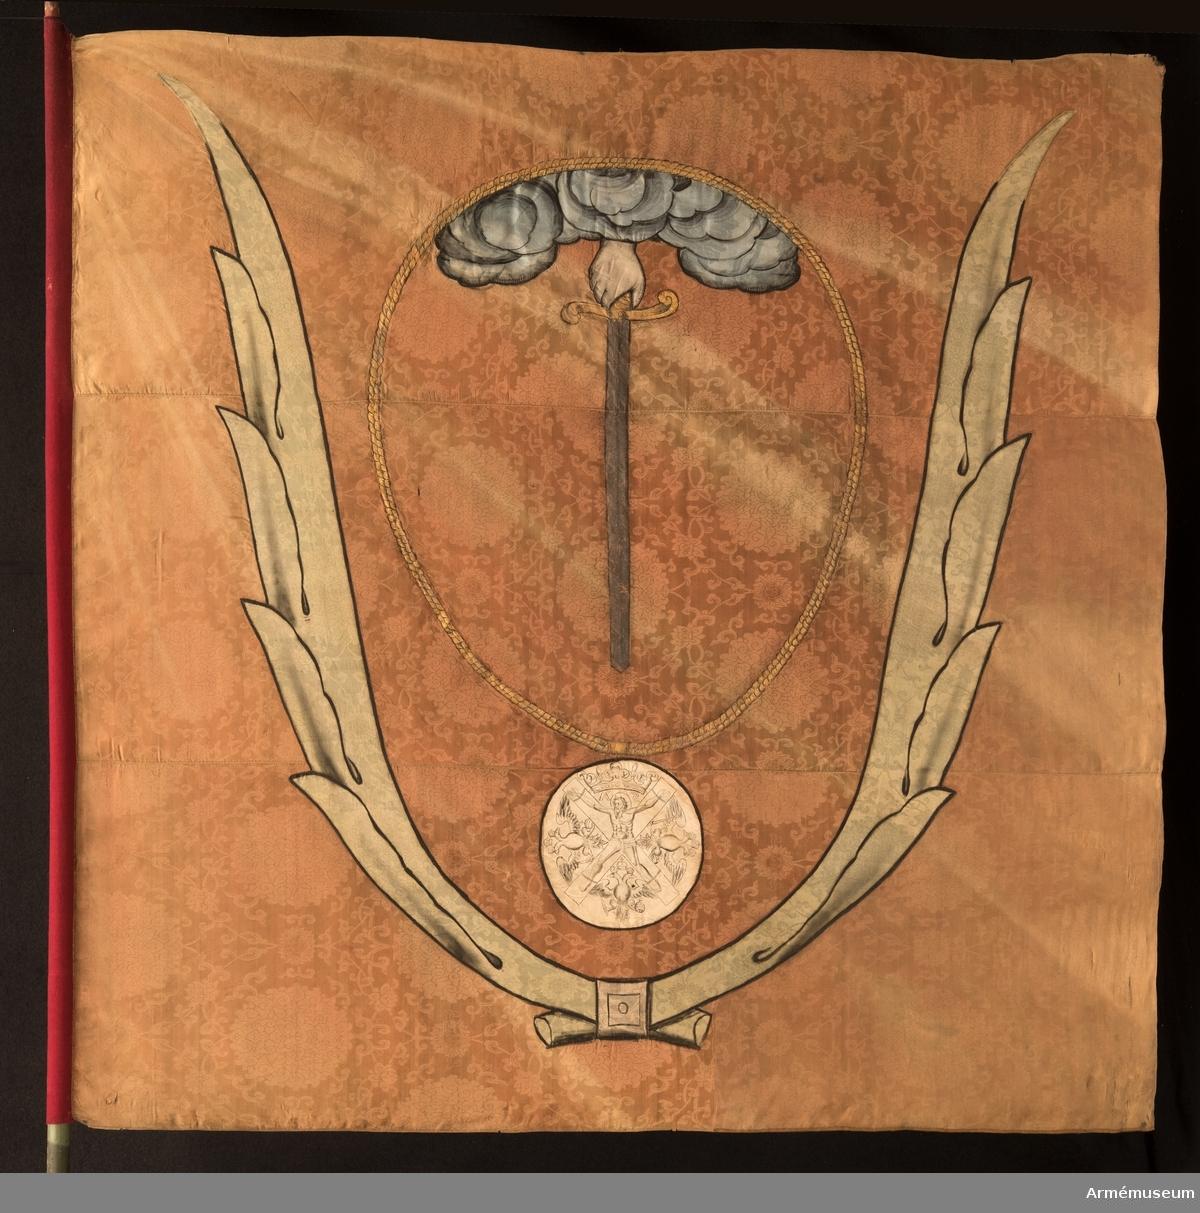 Duk av röd kinesisk sidendamast. Dekor i intarsia och målade detaljer. Motivet föreställer en hand med svärd som kommer ner ur ett moln omgivet av andreasordens kedja med dess insignier nedtill. Det hela omgivet av nedtill korslagda palmkvistar.